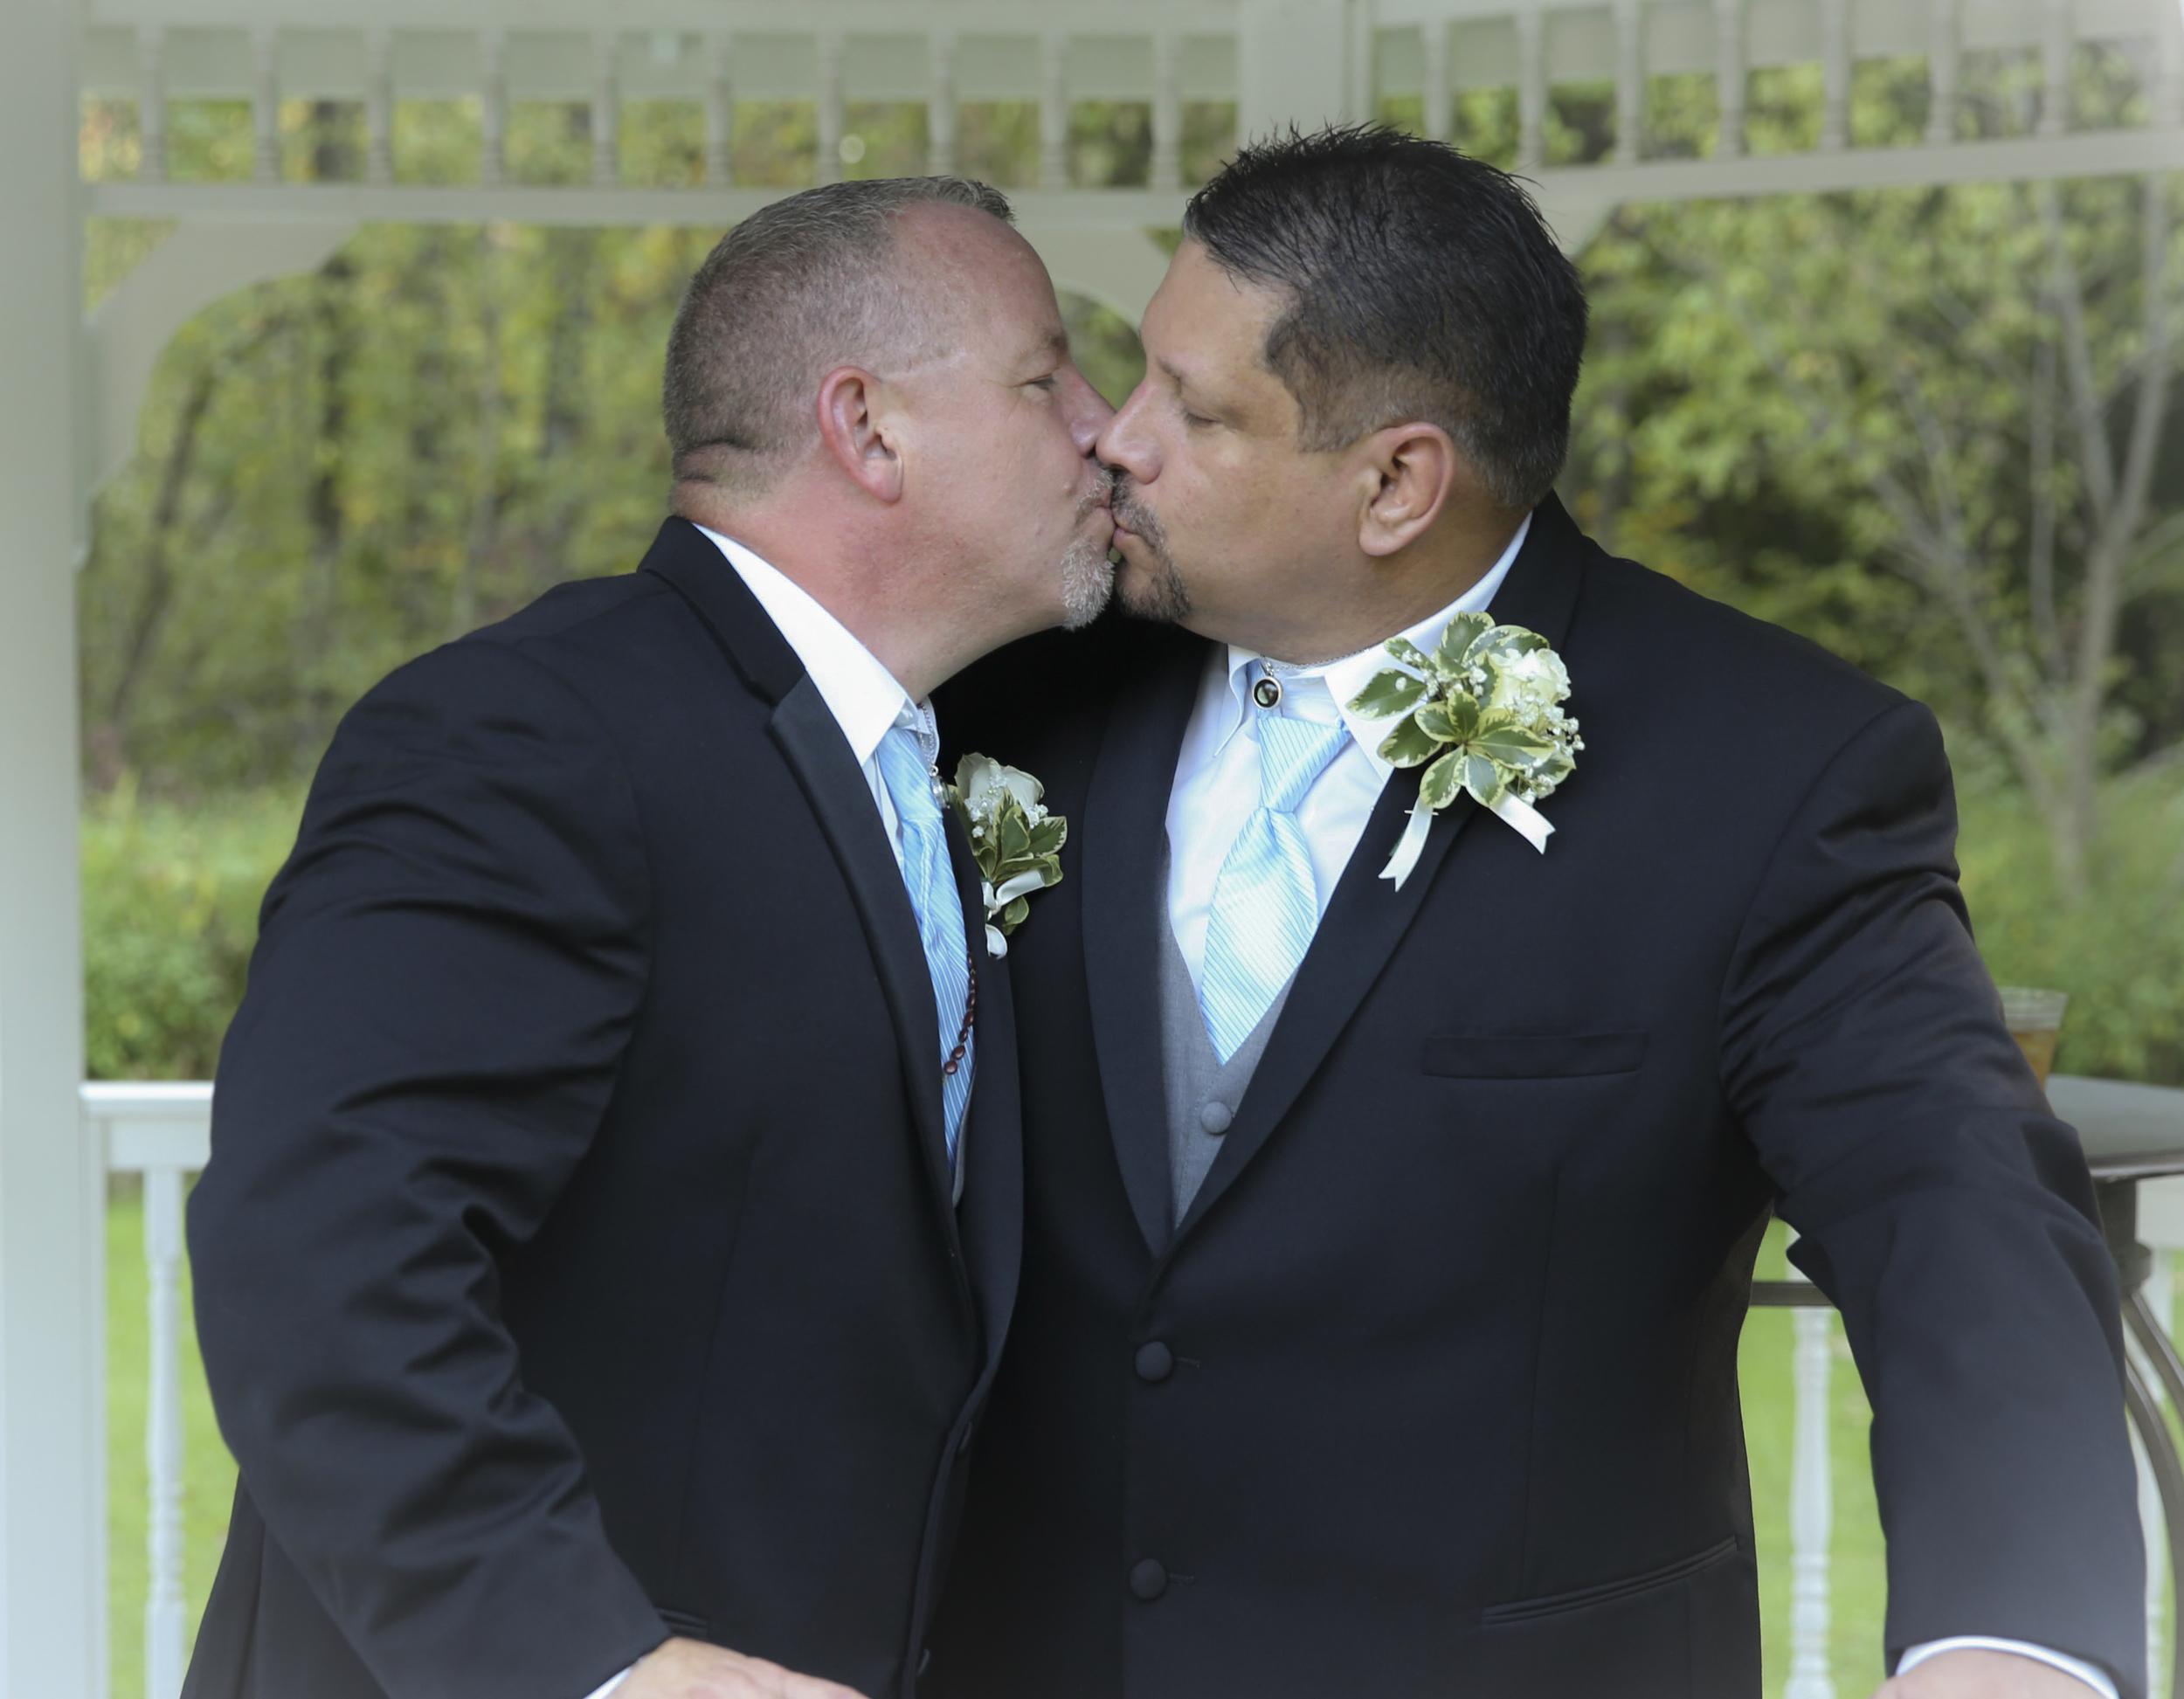 Steve & JT Wedding__76_A.jpg